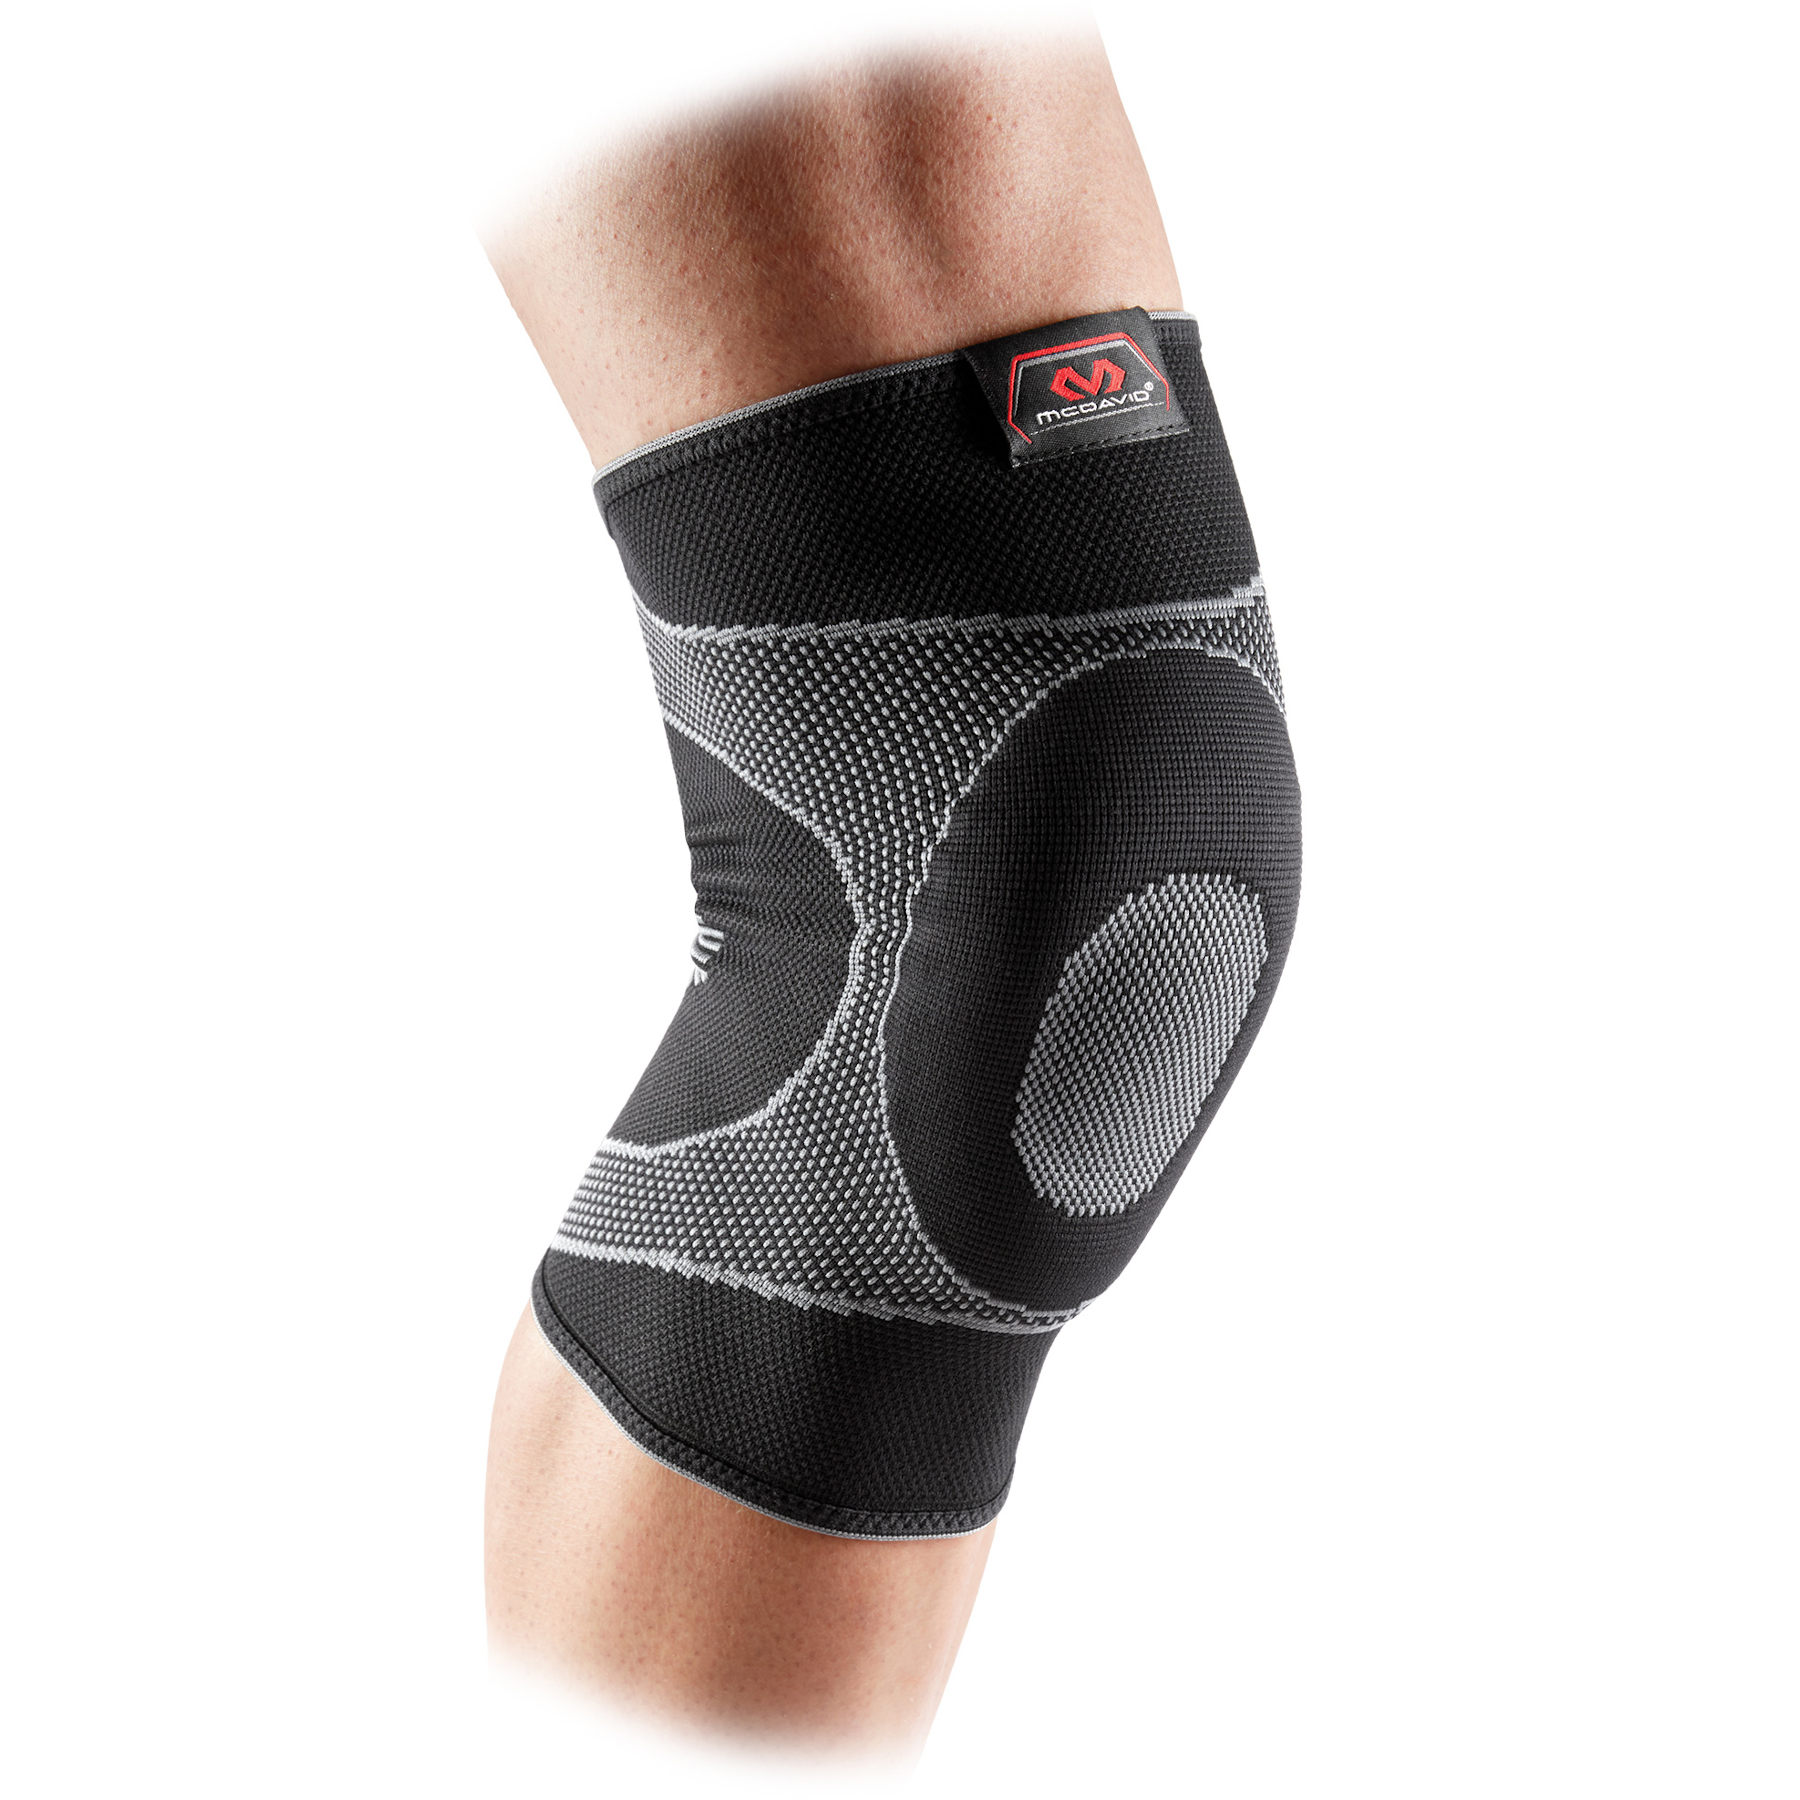 Produktbild von McDavid Elastische Kniebandage mit Gelkissen - Schwarz